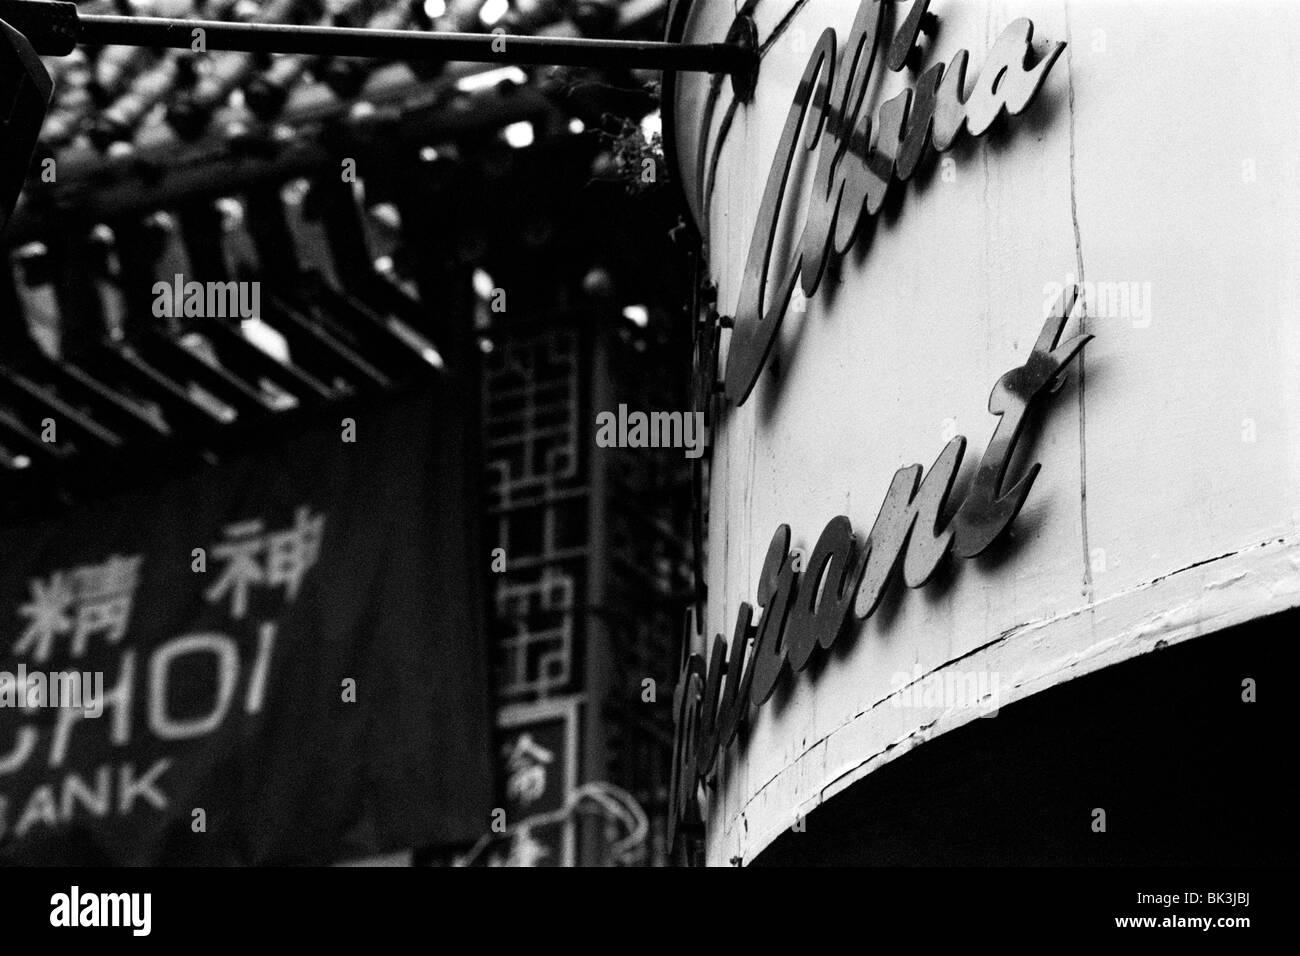 Einem Restaurant an der Gerrard Street in Anfang der neunziger Jahre Chinatown, London. Stockbild